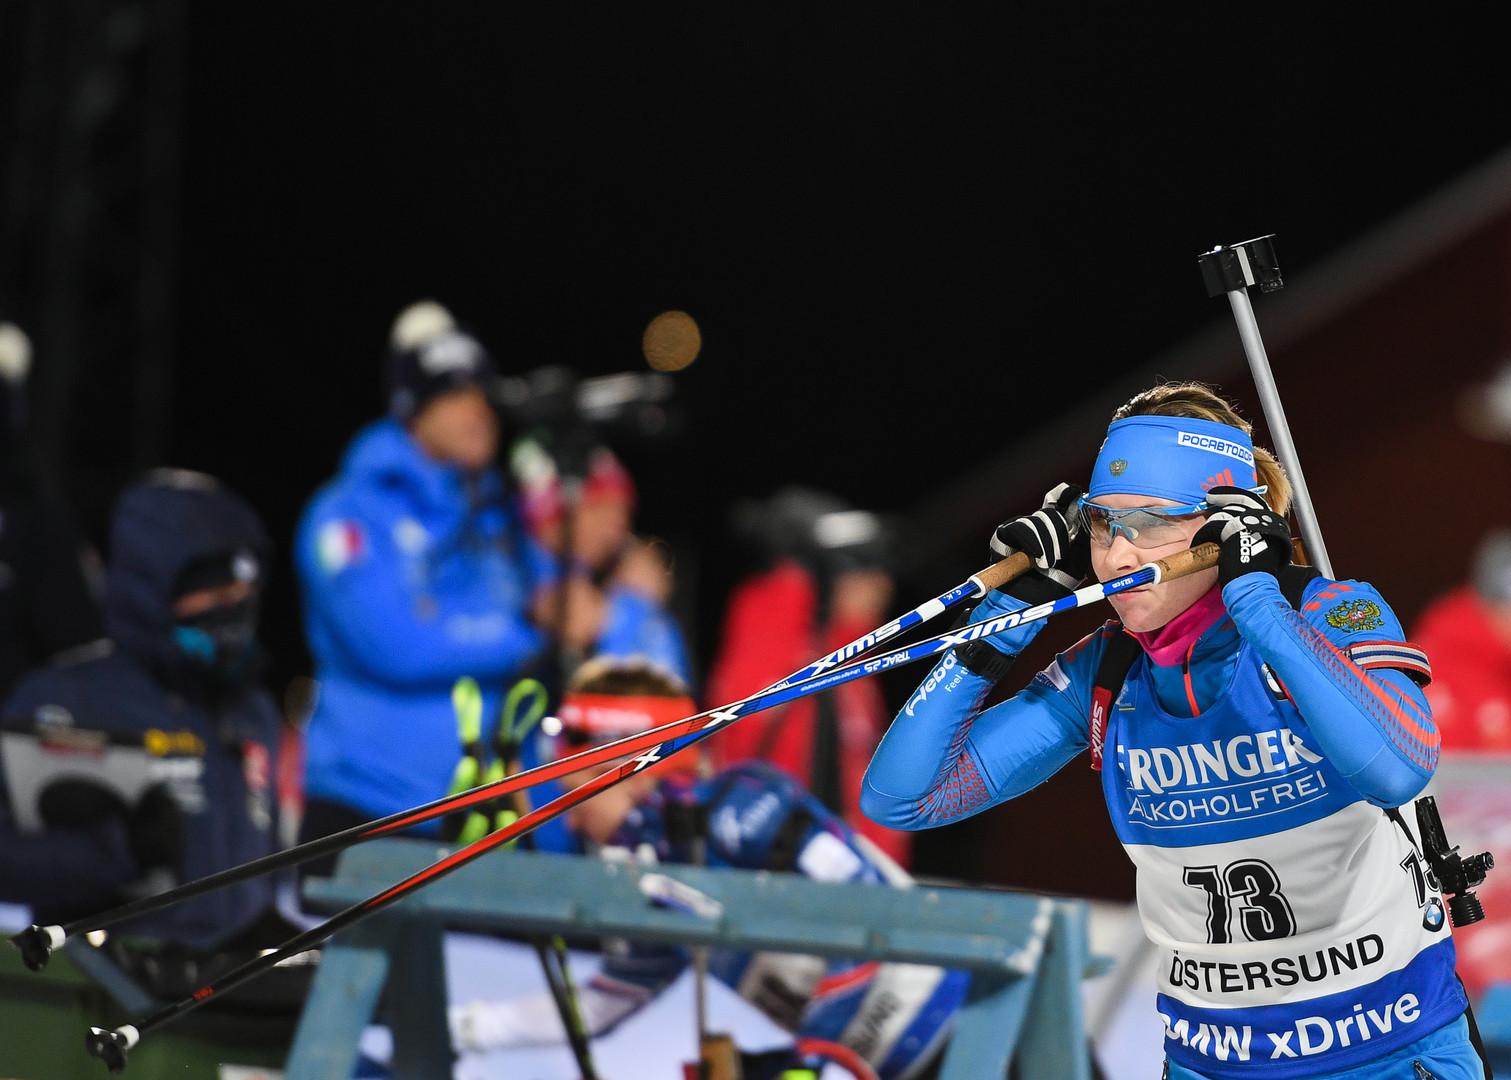 От 30 до 63: россиянки провалили биатлонный спринт в Эстерсунде